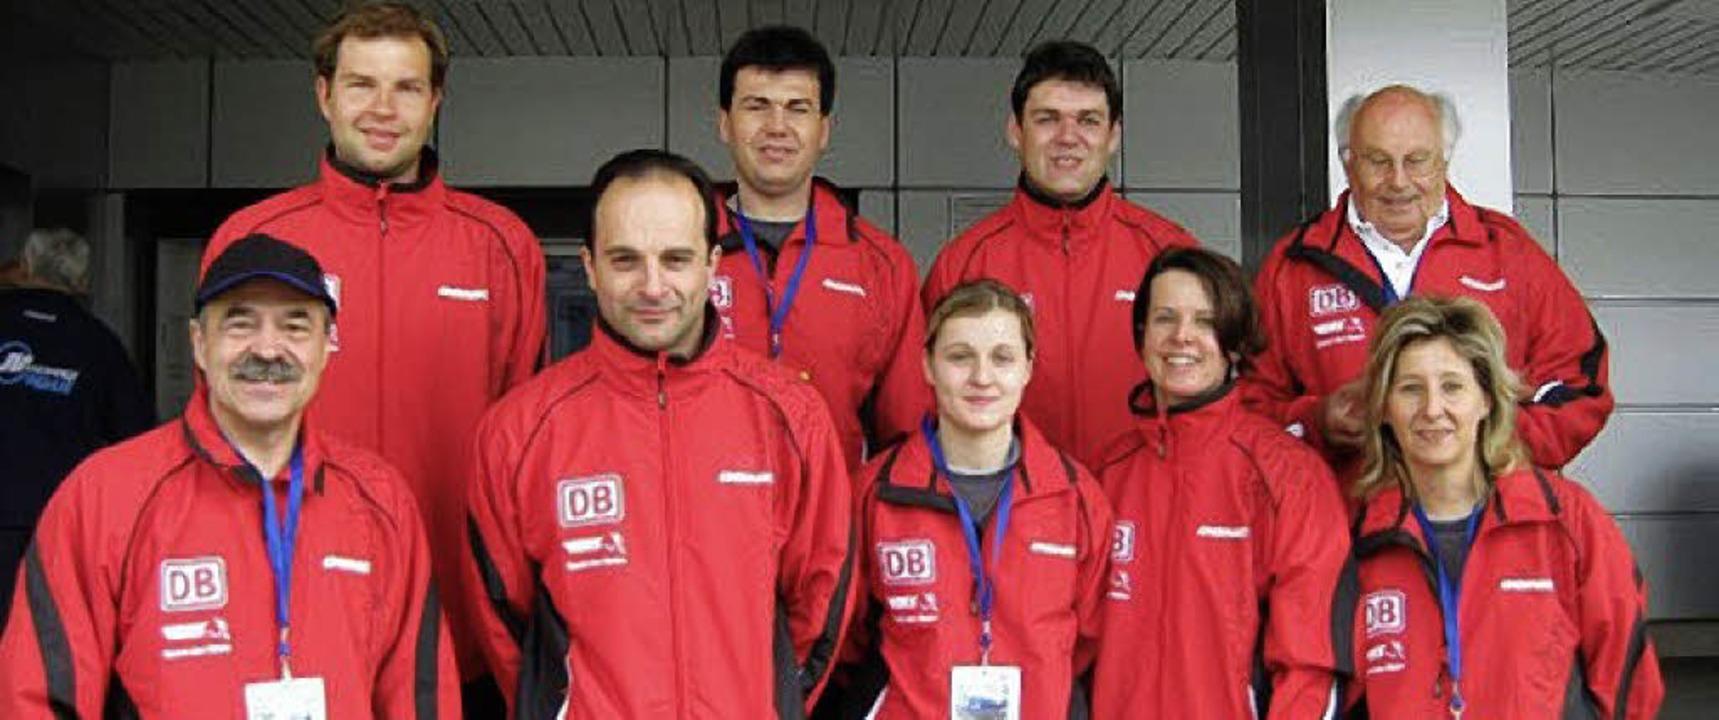 Isabell Röder (vordere Reihe, Mitte) l...r-Nationalteam auf dem sechsten Rang.     Foto: Privat